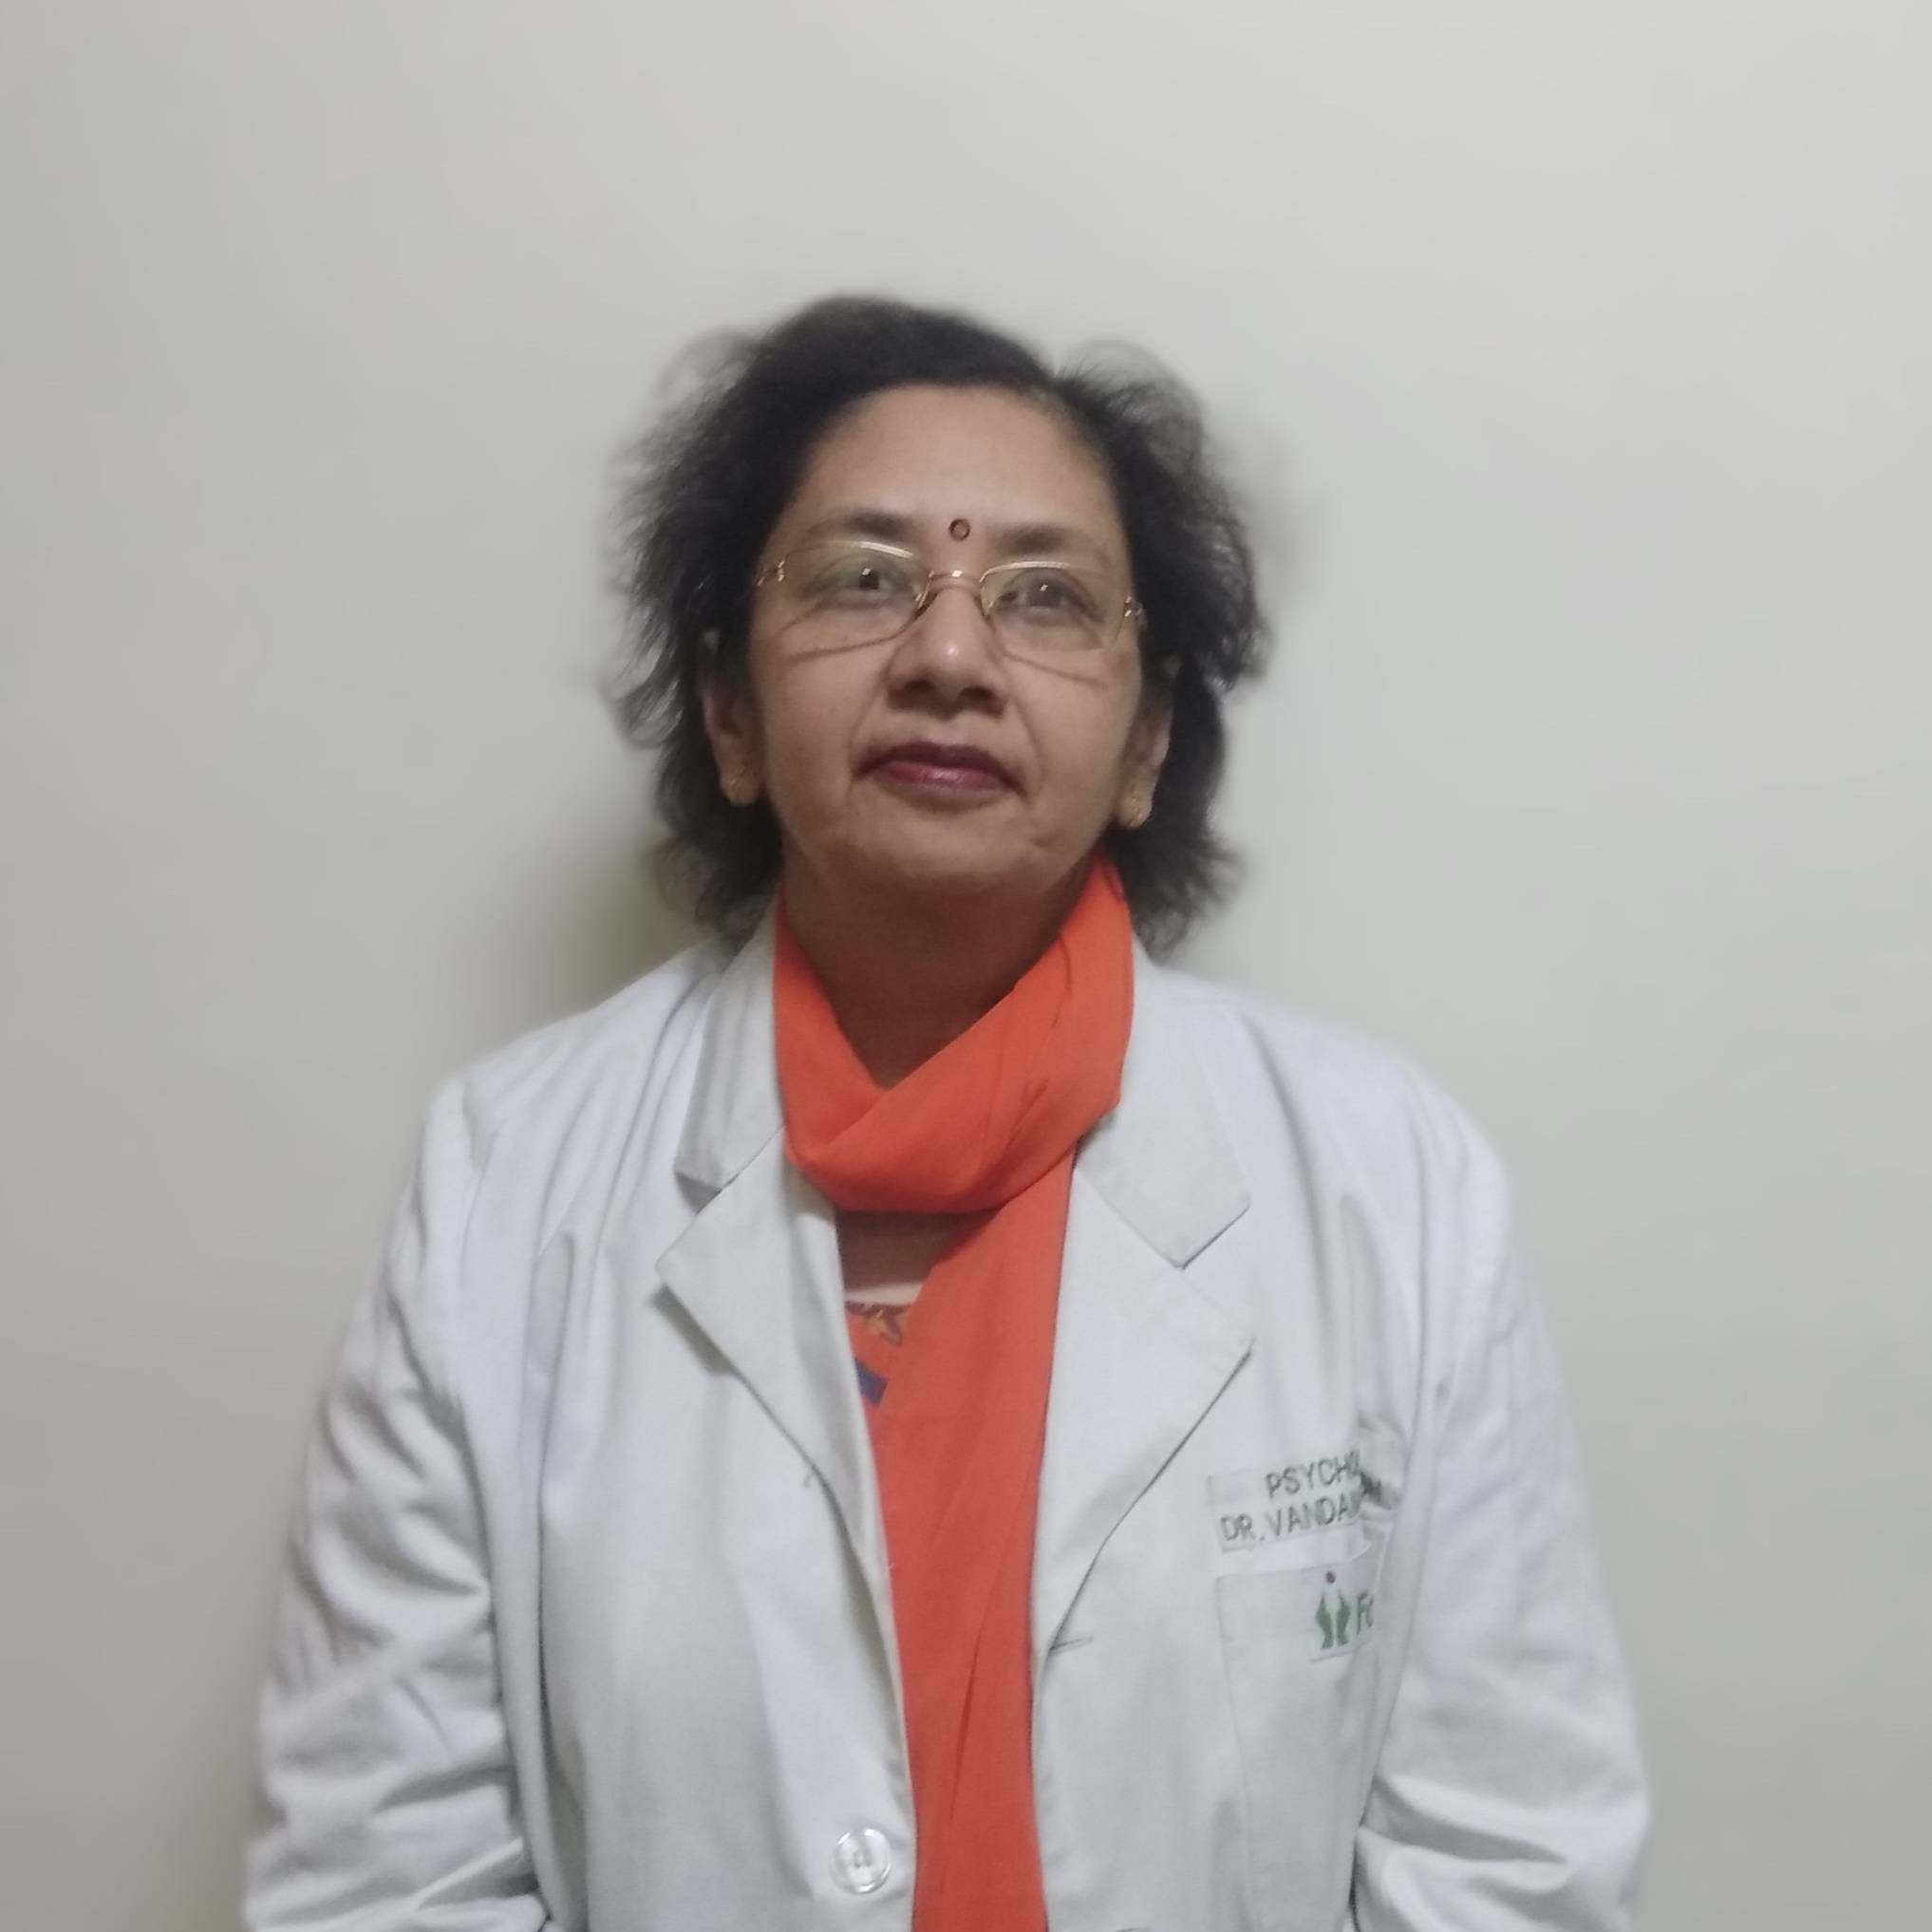 Dr. Vandana Prakash